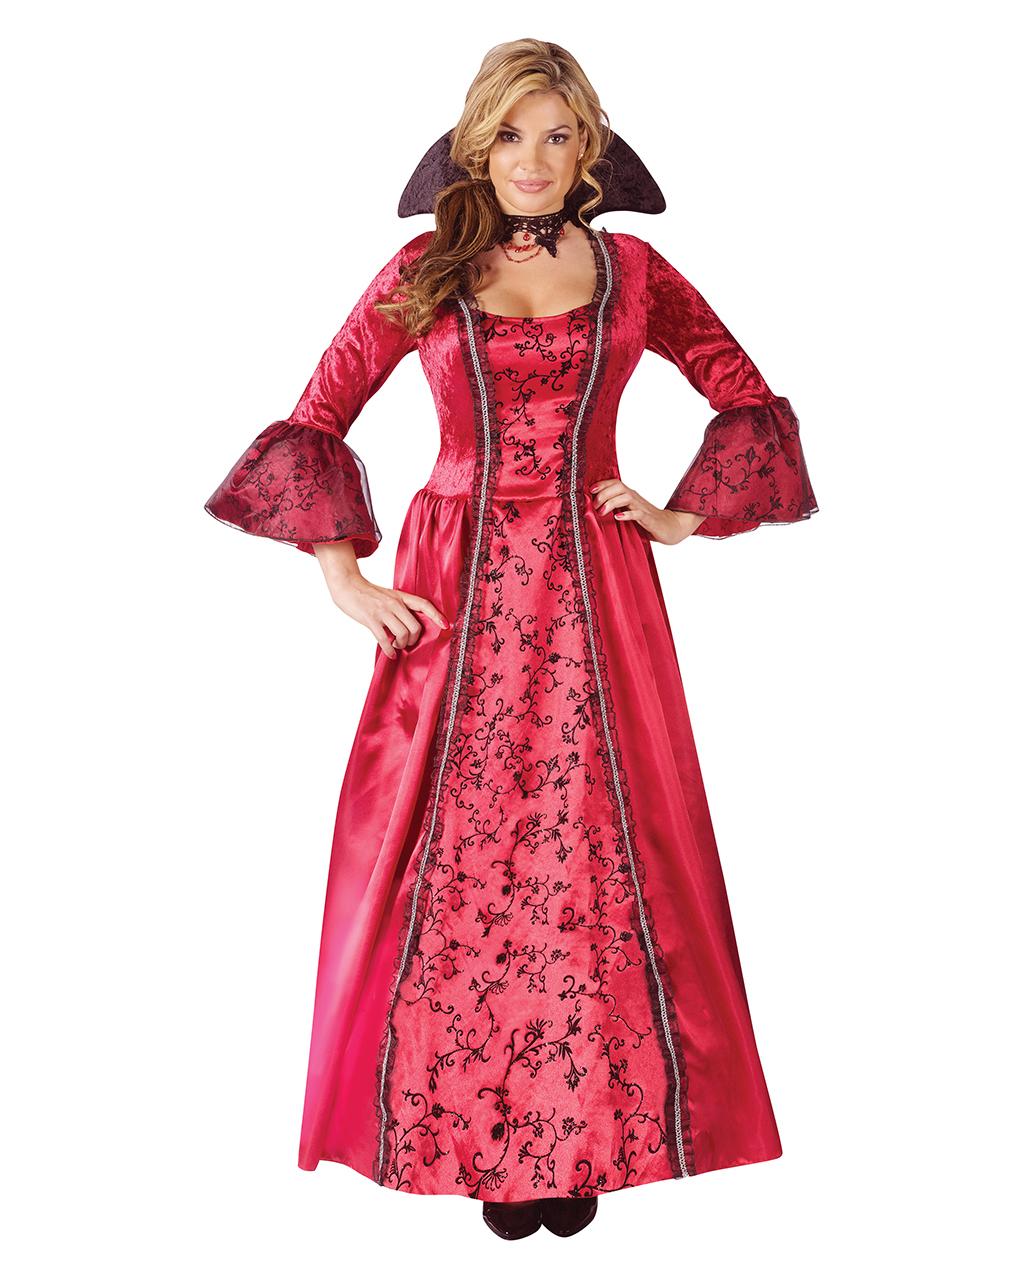 Dunkle Konigin Kostum S Marchenkostume Fur Halloween Fasching